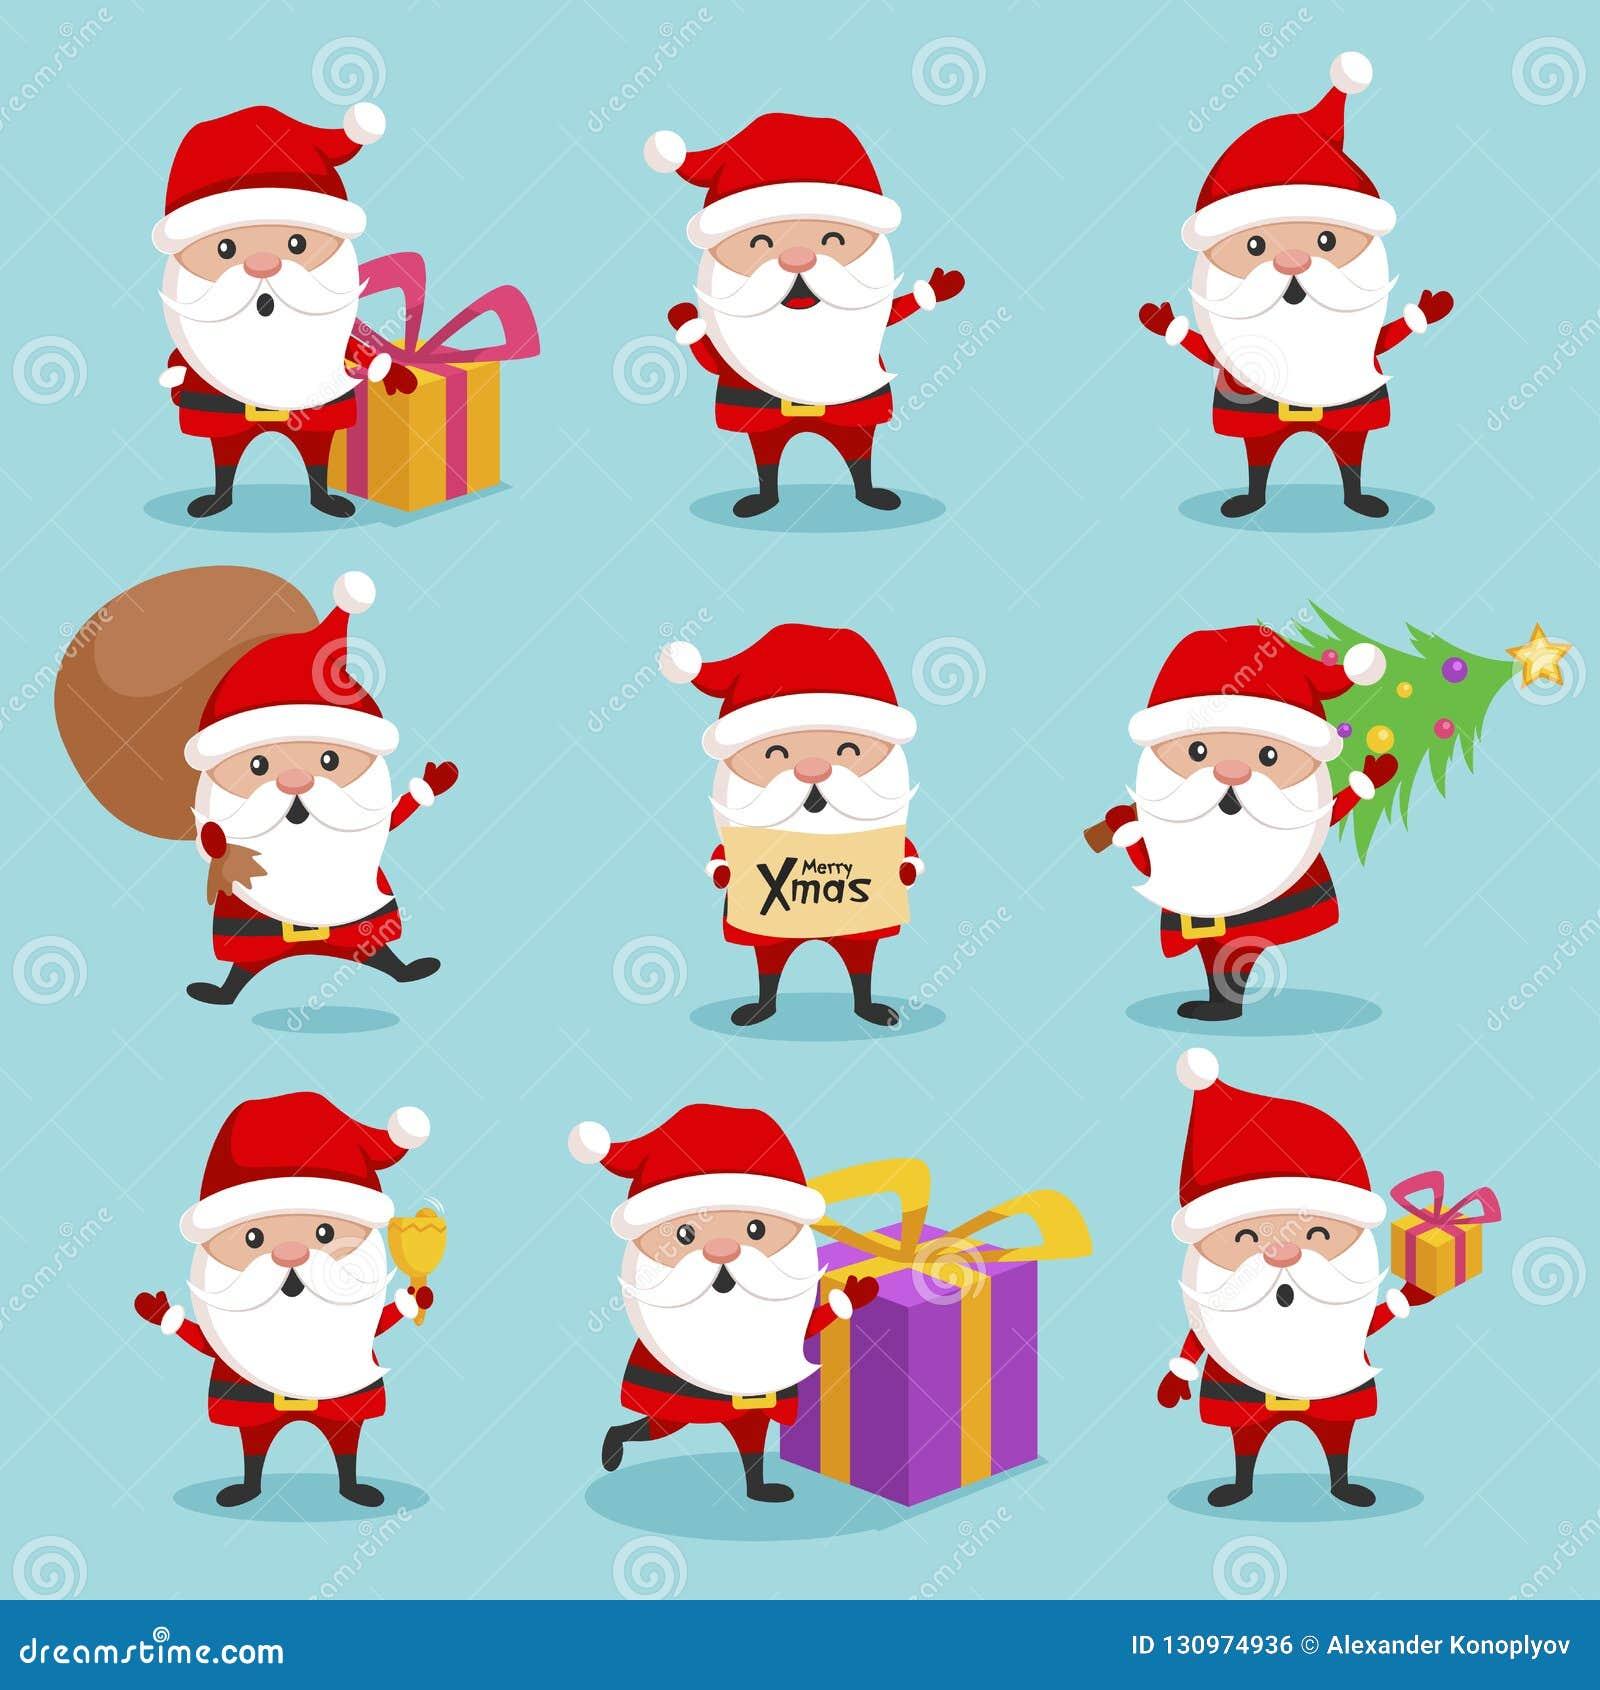 6ea1d6c87b6 Christmas Santa Claus Cute Character Holiday Set Stock Vector ...